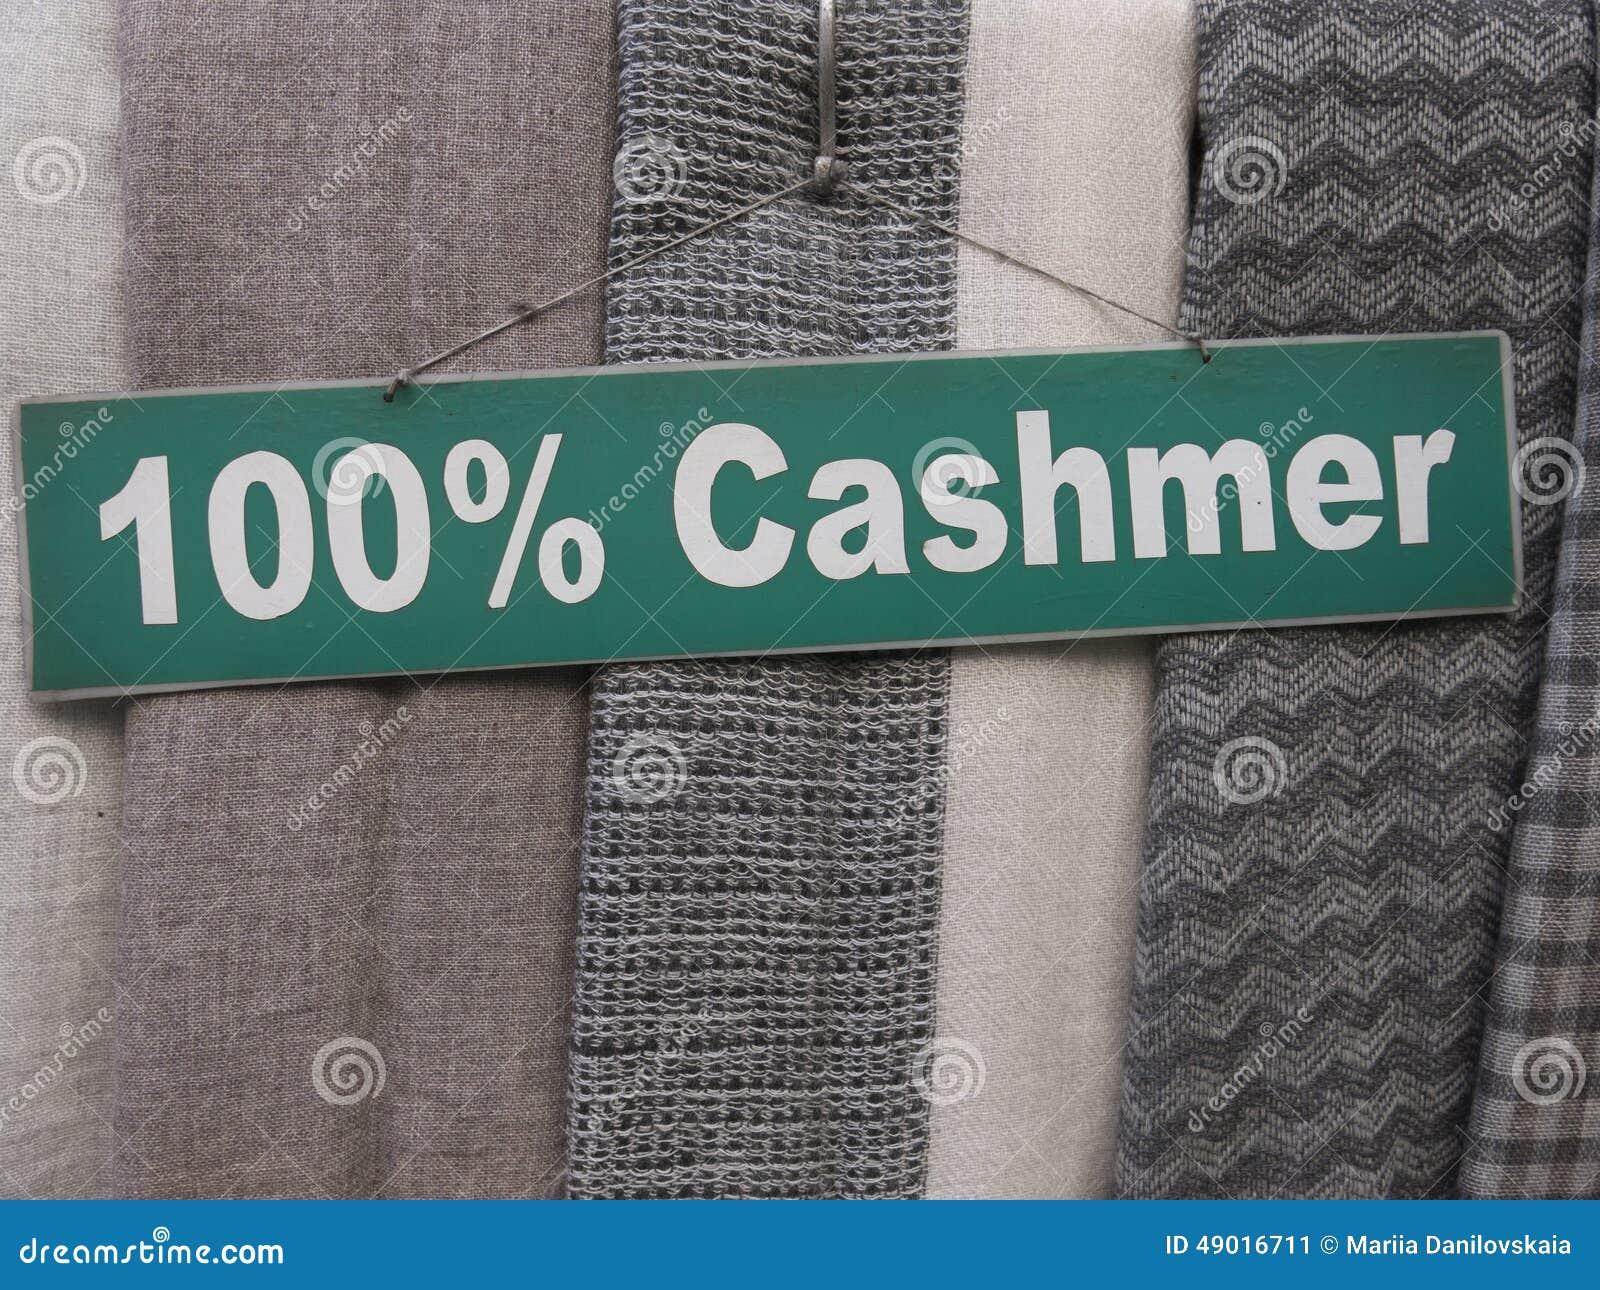 buy online 3e75f 6ef60 Tissu De Cachemire Sur Le Marché Image stock - Image du ...